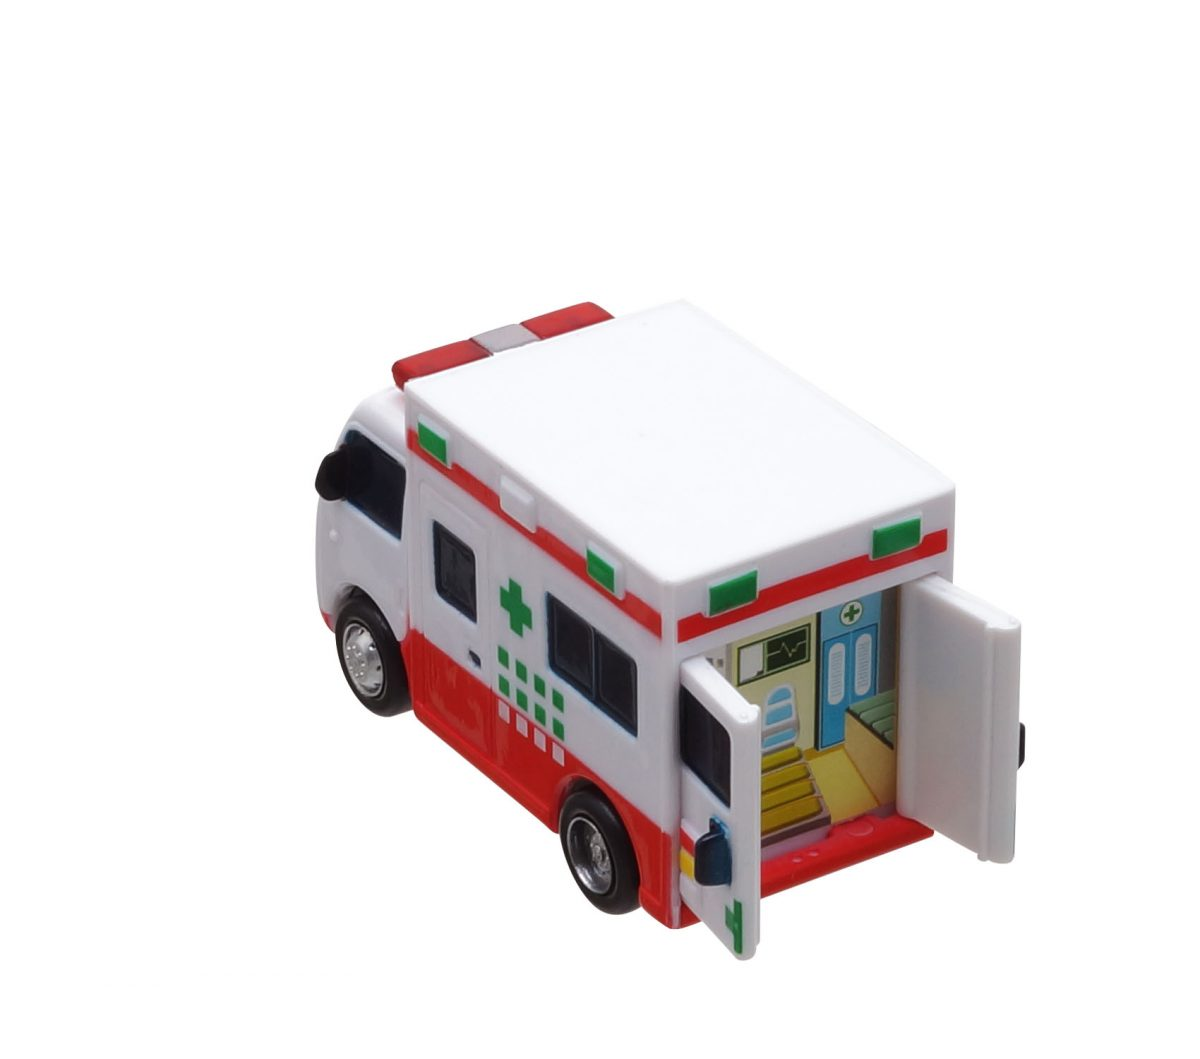 Маленький автобус Тайо - Тото, Сито, Элис, Фрэнк, Пэт и Нури. Набор из 6-и игрушек.